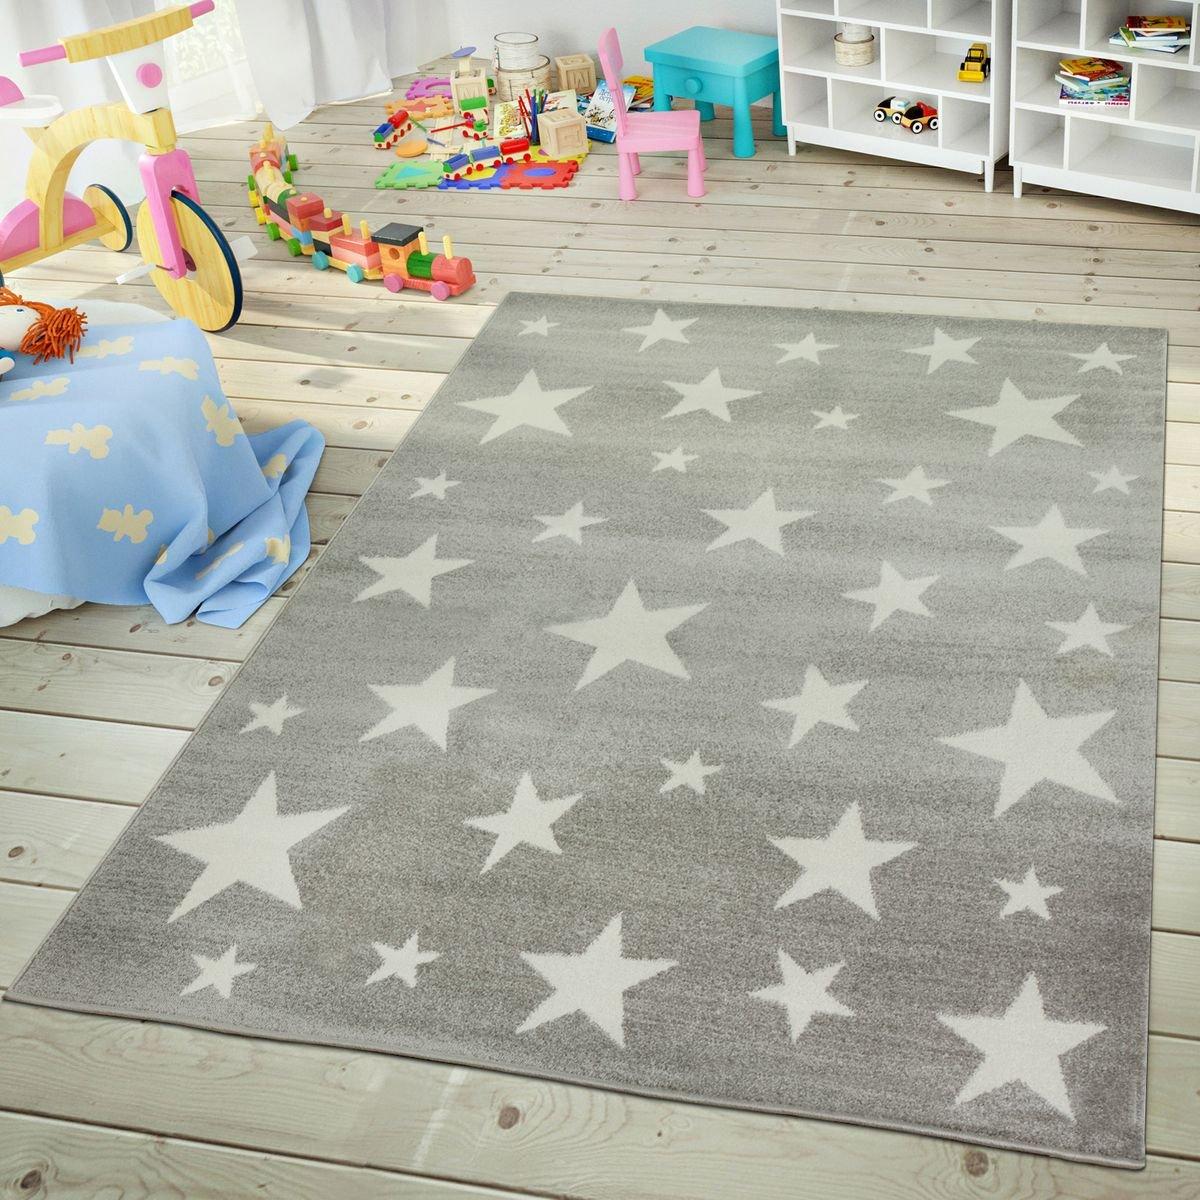 TT Home Kinder- & Jugendzimmer Teppich Im Sternhimmel Design Pastell Trend In Grau Weiß, Größe:200x280 cm